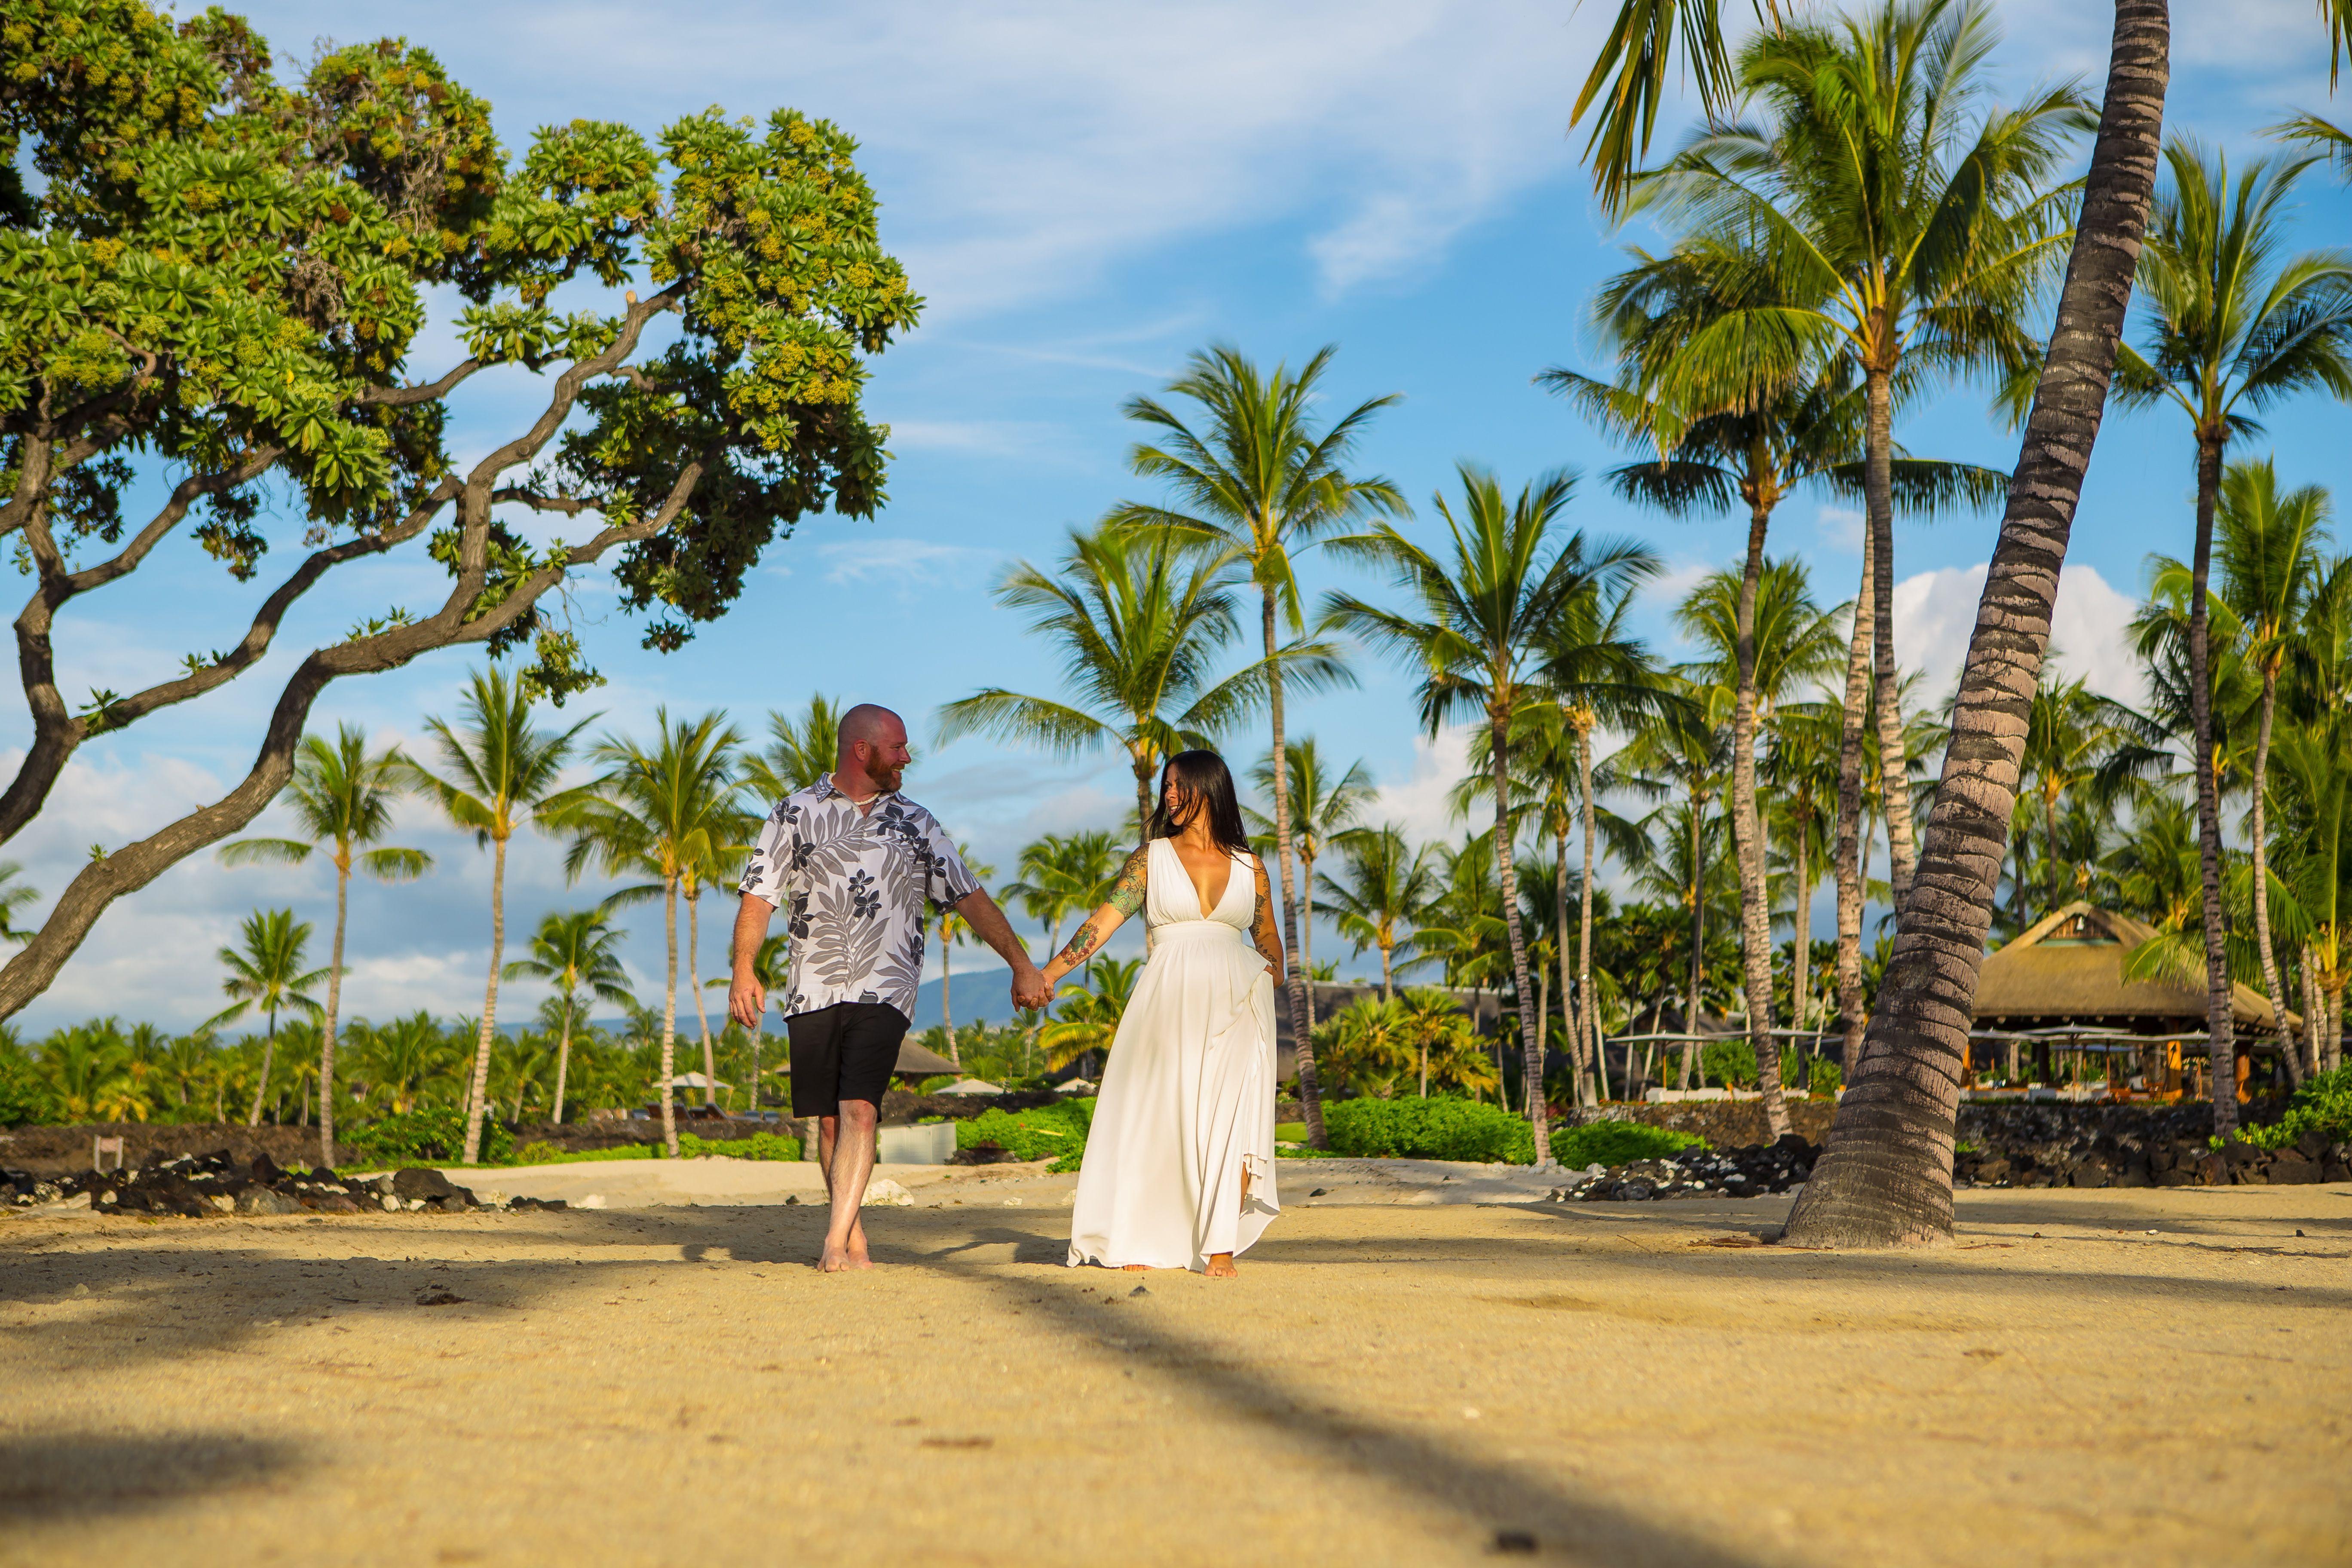 Big Island Hawaii Beach Wedding Kikaua Point Park Beach With Kona Wedding Officiant In 2020 Hawaii Beach Wedding Big Island Hawaii Beaches Hawaii Wedding Packages